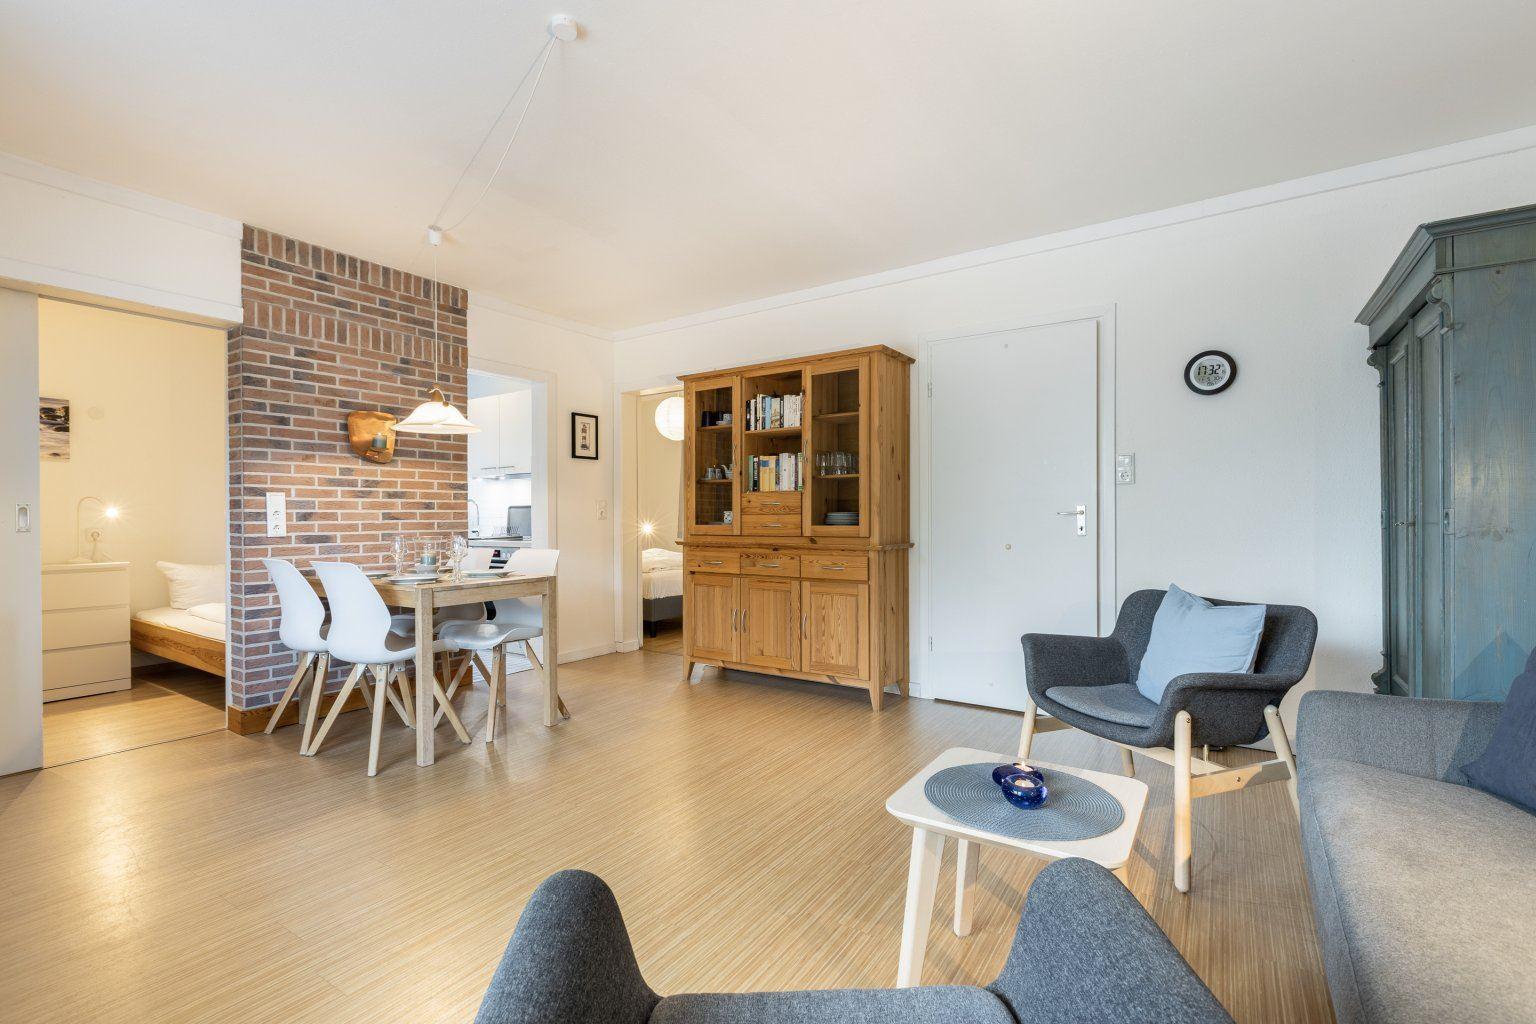 """Wohnzimmer und Essbereich - St Peter Ording Bad, Haus Colonia, Wohnung 1 """"Seestern"""", Im Bad 81"""